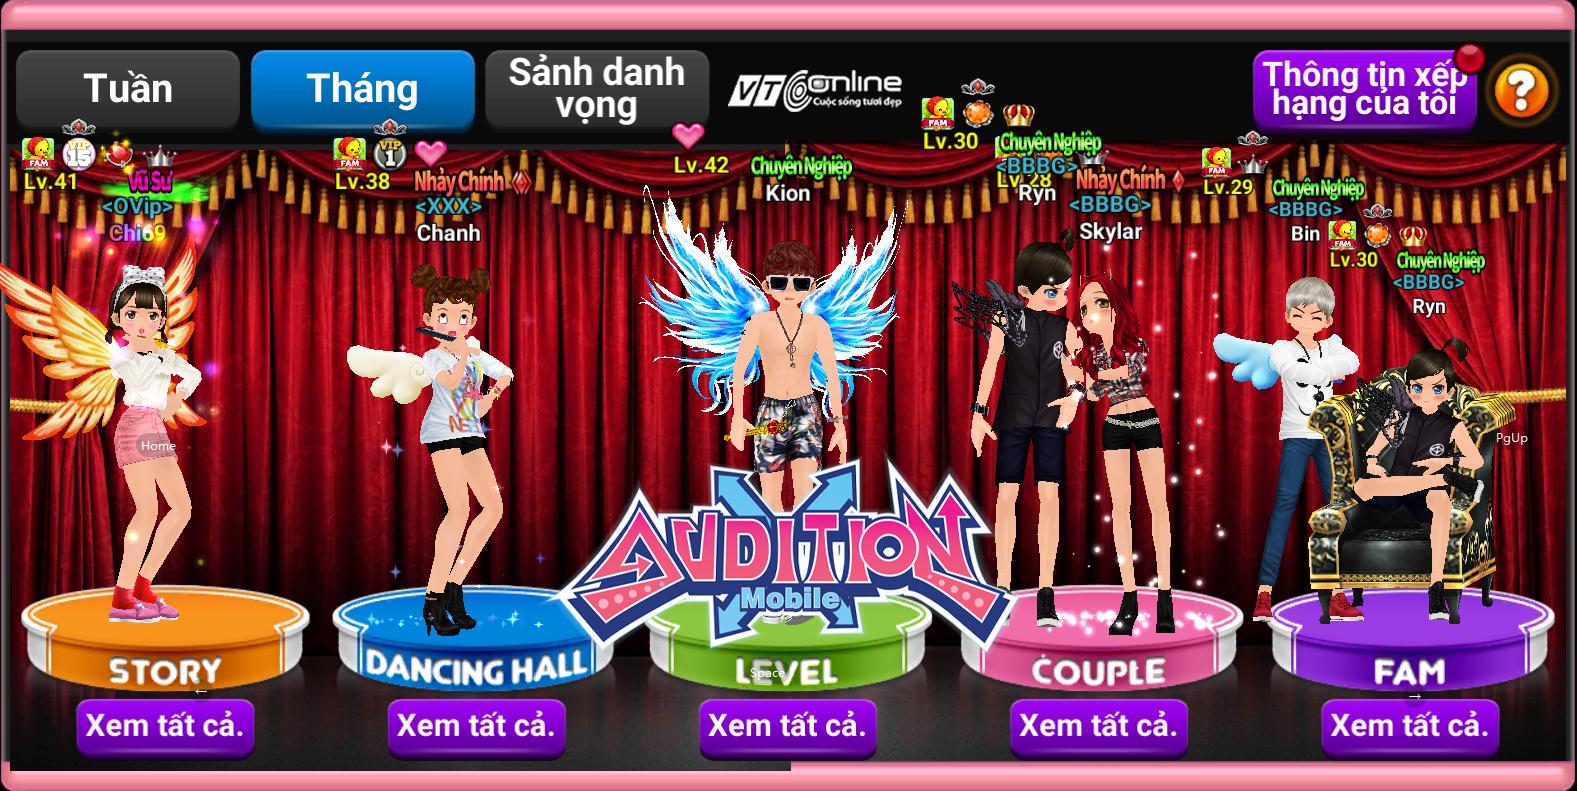 Mộng Hải Tặc Mobile game mobile siêu hot top 10 trong tháng Top-game-thang-10-7